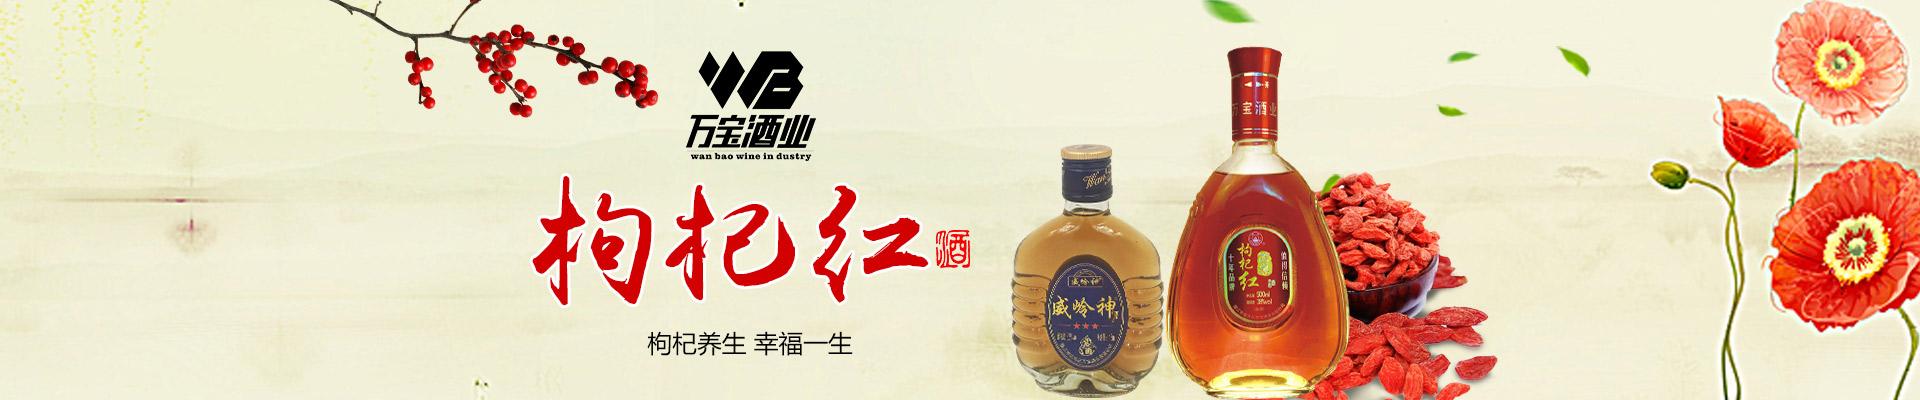 广东省湛江万宝酒业有限公司